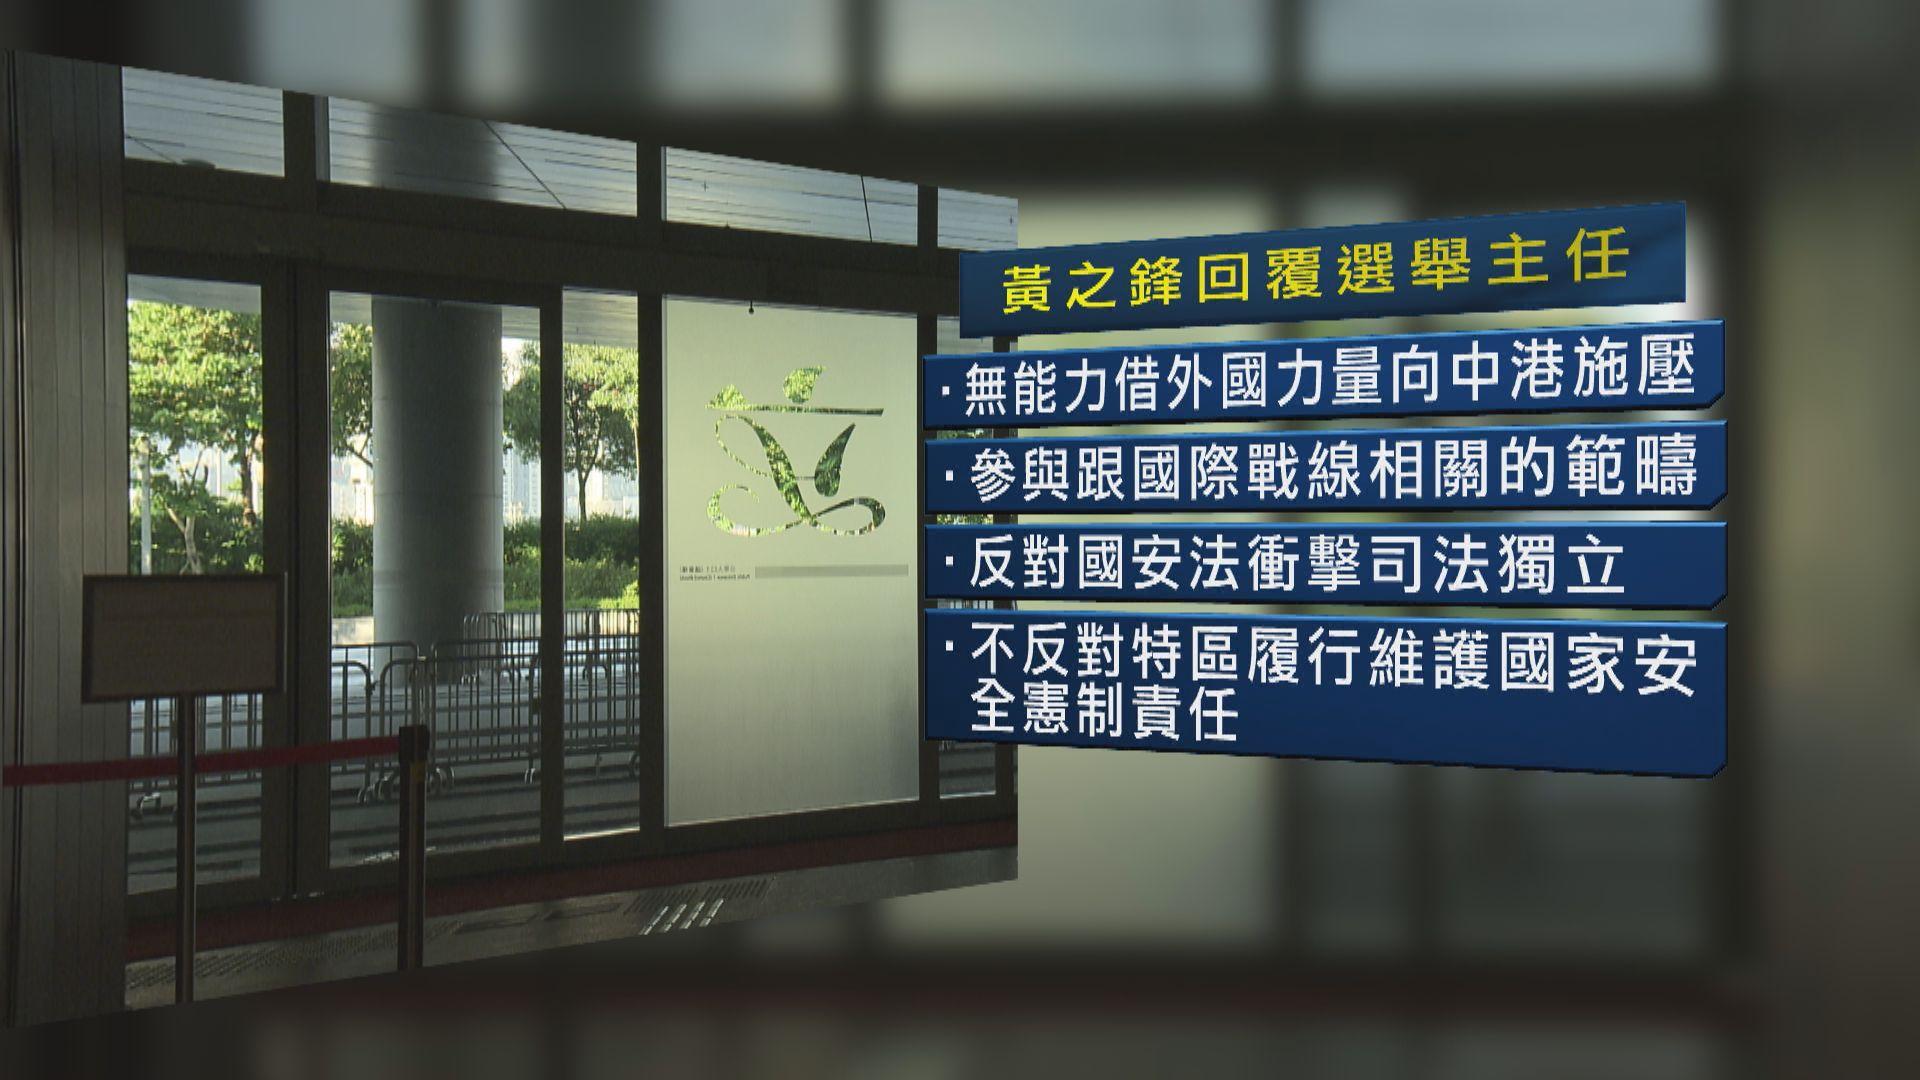 多名民主派參選人被詢問立場 黃之鋒稱反對現行港區國安法